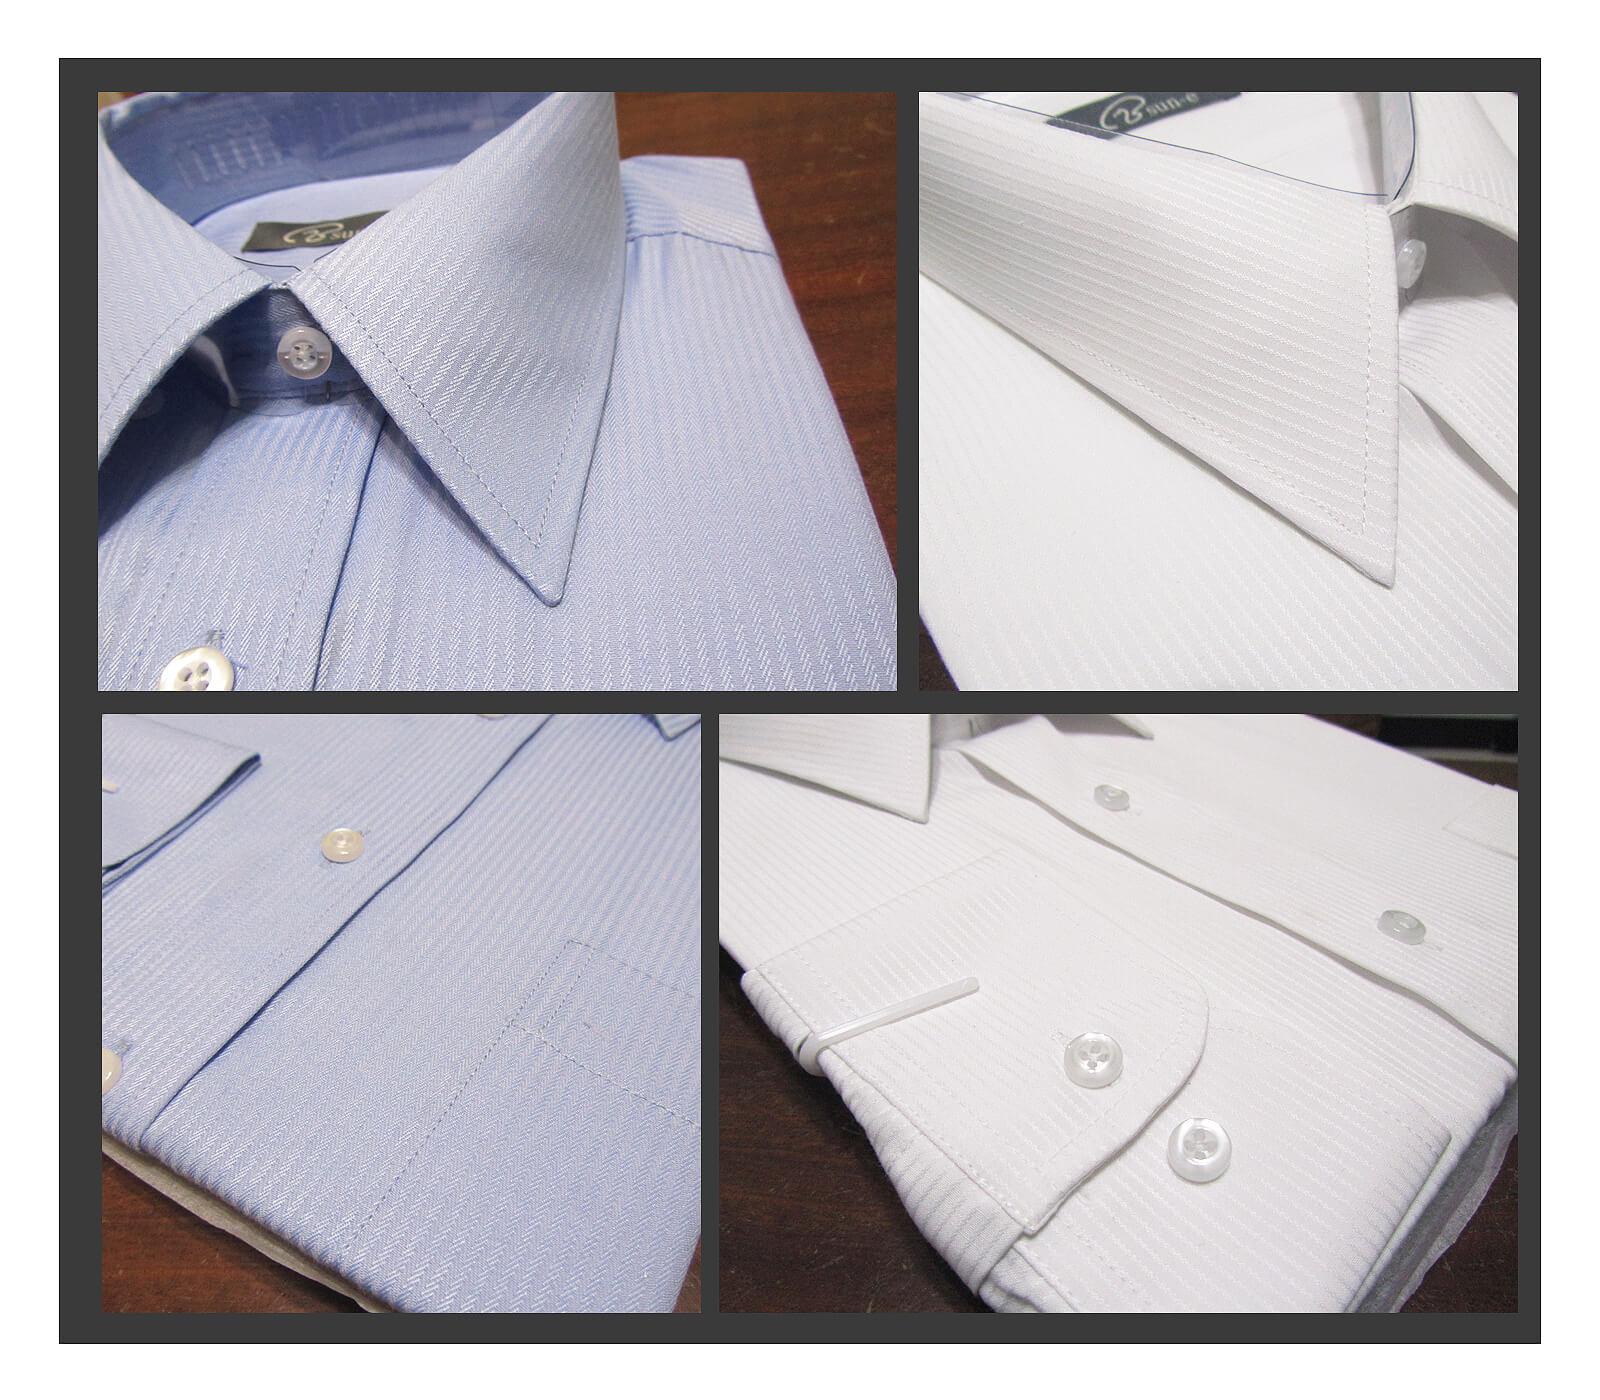 sun-e335特加大尺碼標準襯衫、上班族襯衫、商務襯衫、不皺免燙襯衫、正式場合襯衫、條紋襯衫、素面襯衫(短袖 / 長袖) 多顏色、樣式可供選擇 尺寸:19、20、21、22(英吋) 4